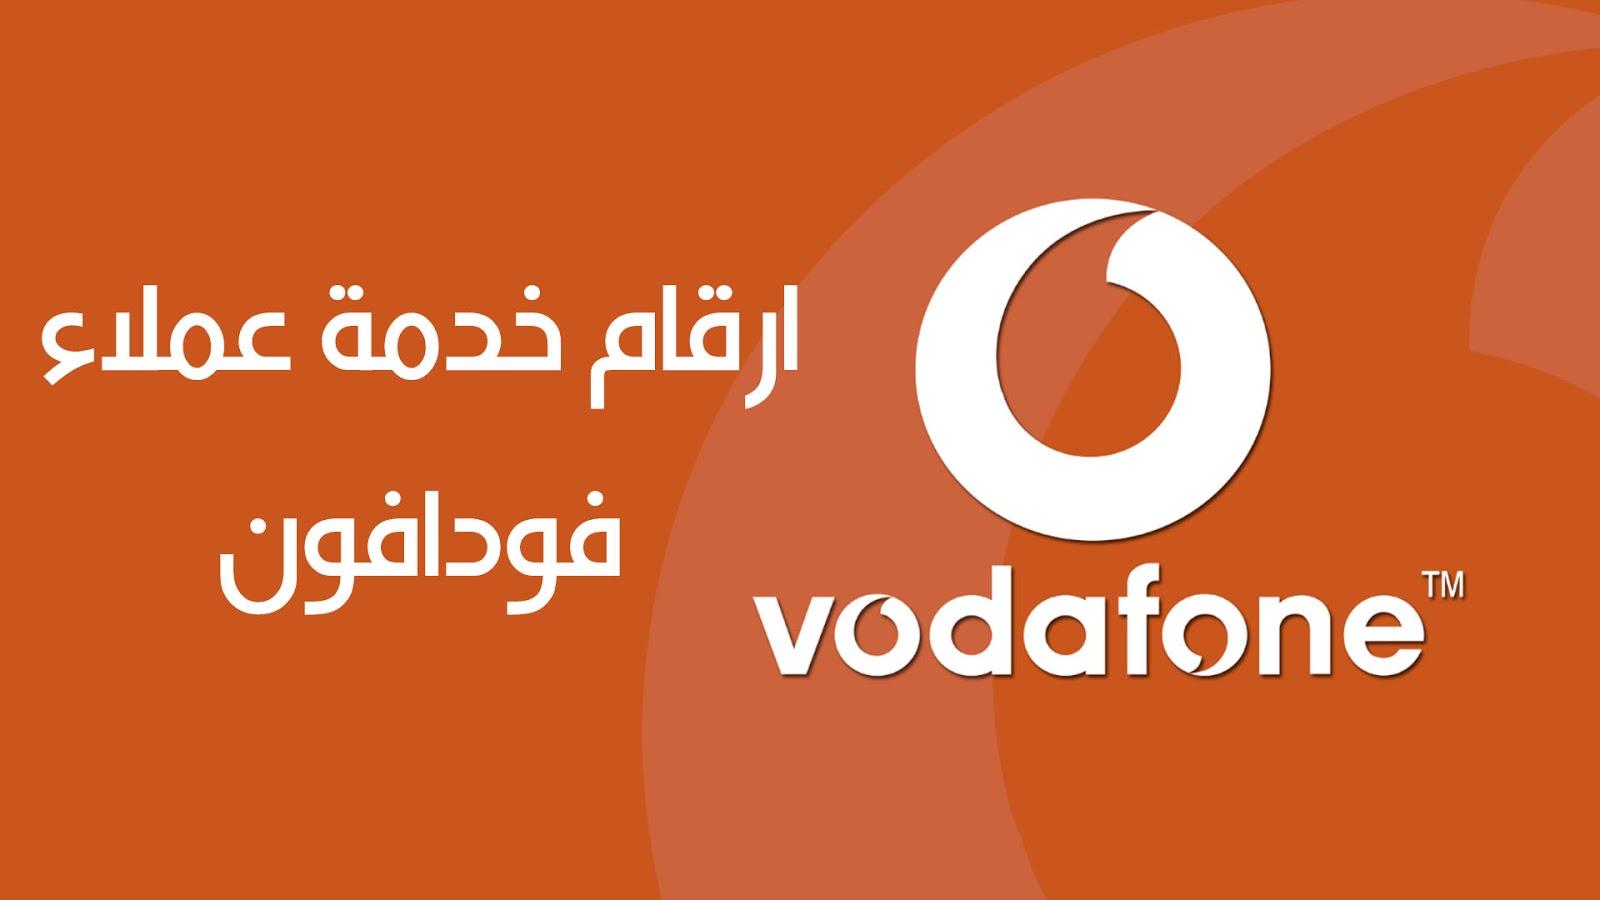 رقم خدمة عملاء فودافون 2019 للشكاوي الرقم الموحد محدث Vodafone